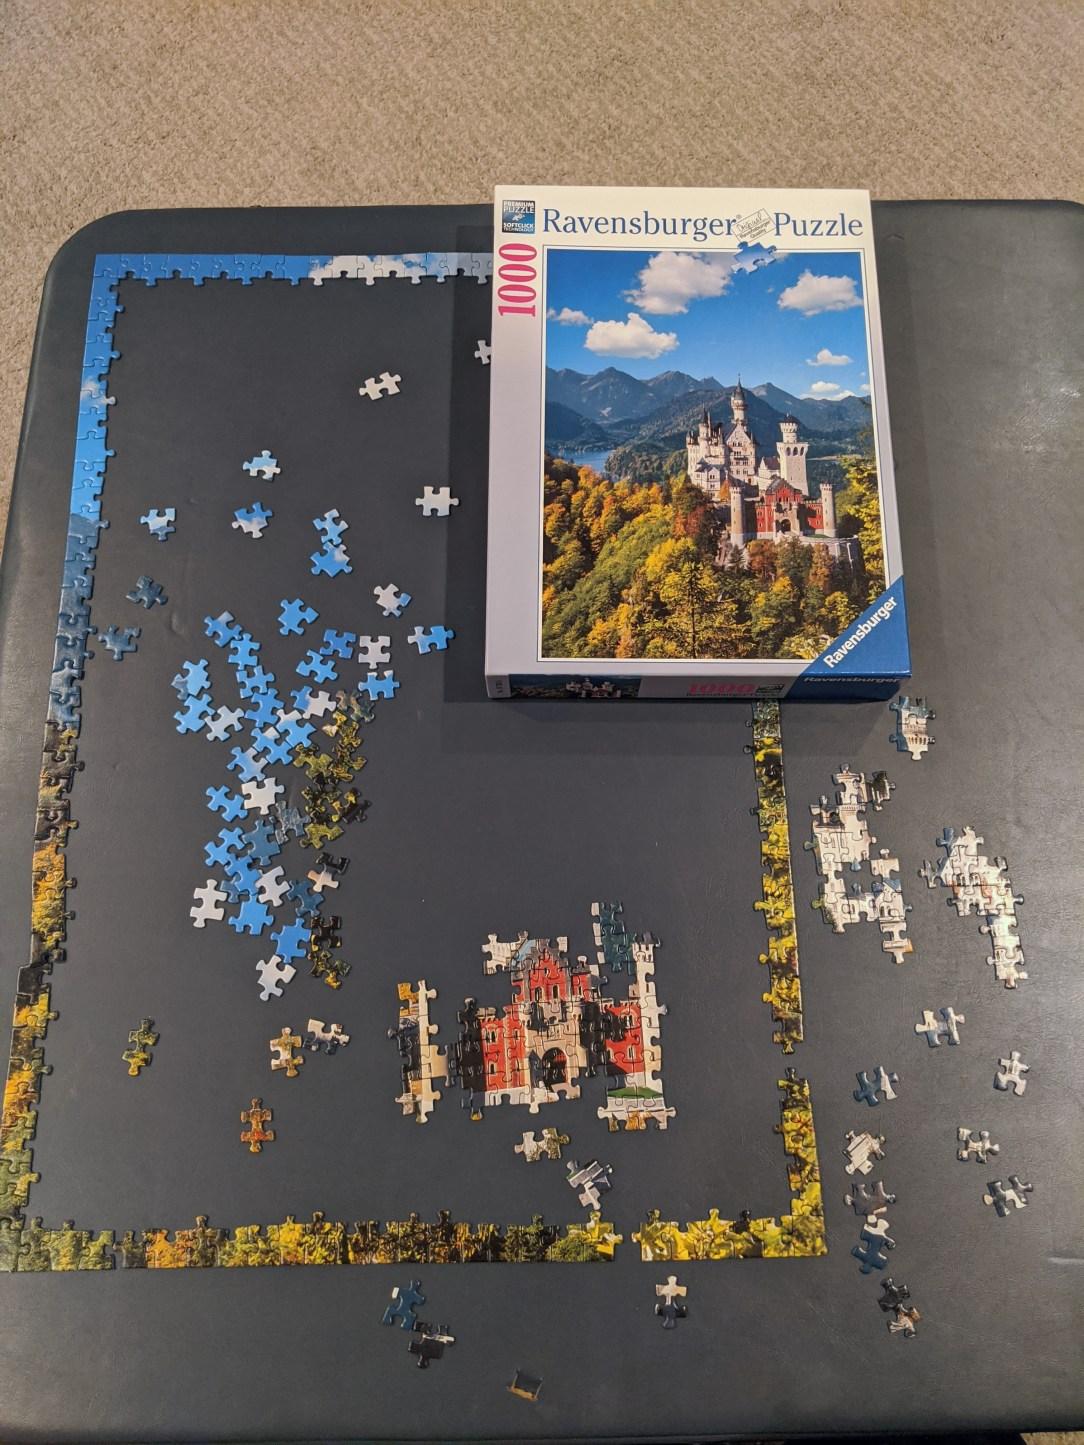 puzzle-jigsaw-ravensburger-puzzle-castle-quarantine